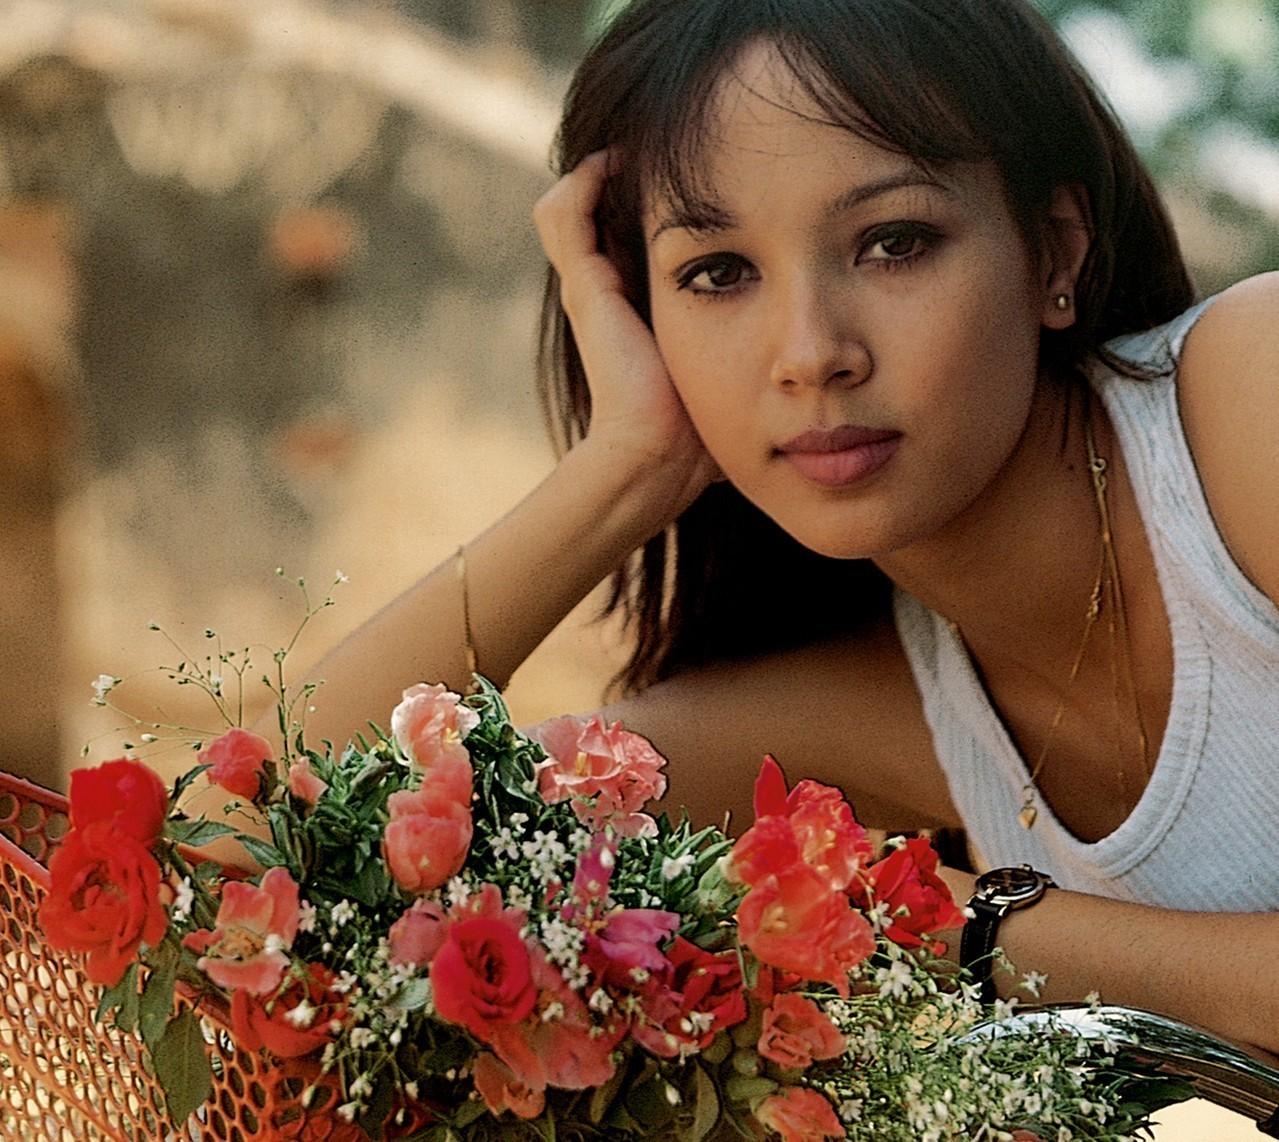 Czy kobieta zawsze musi wyglądać pięknie?